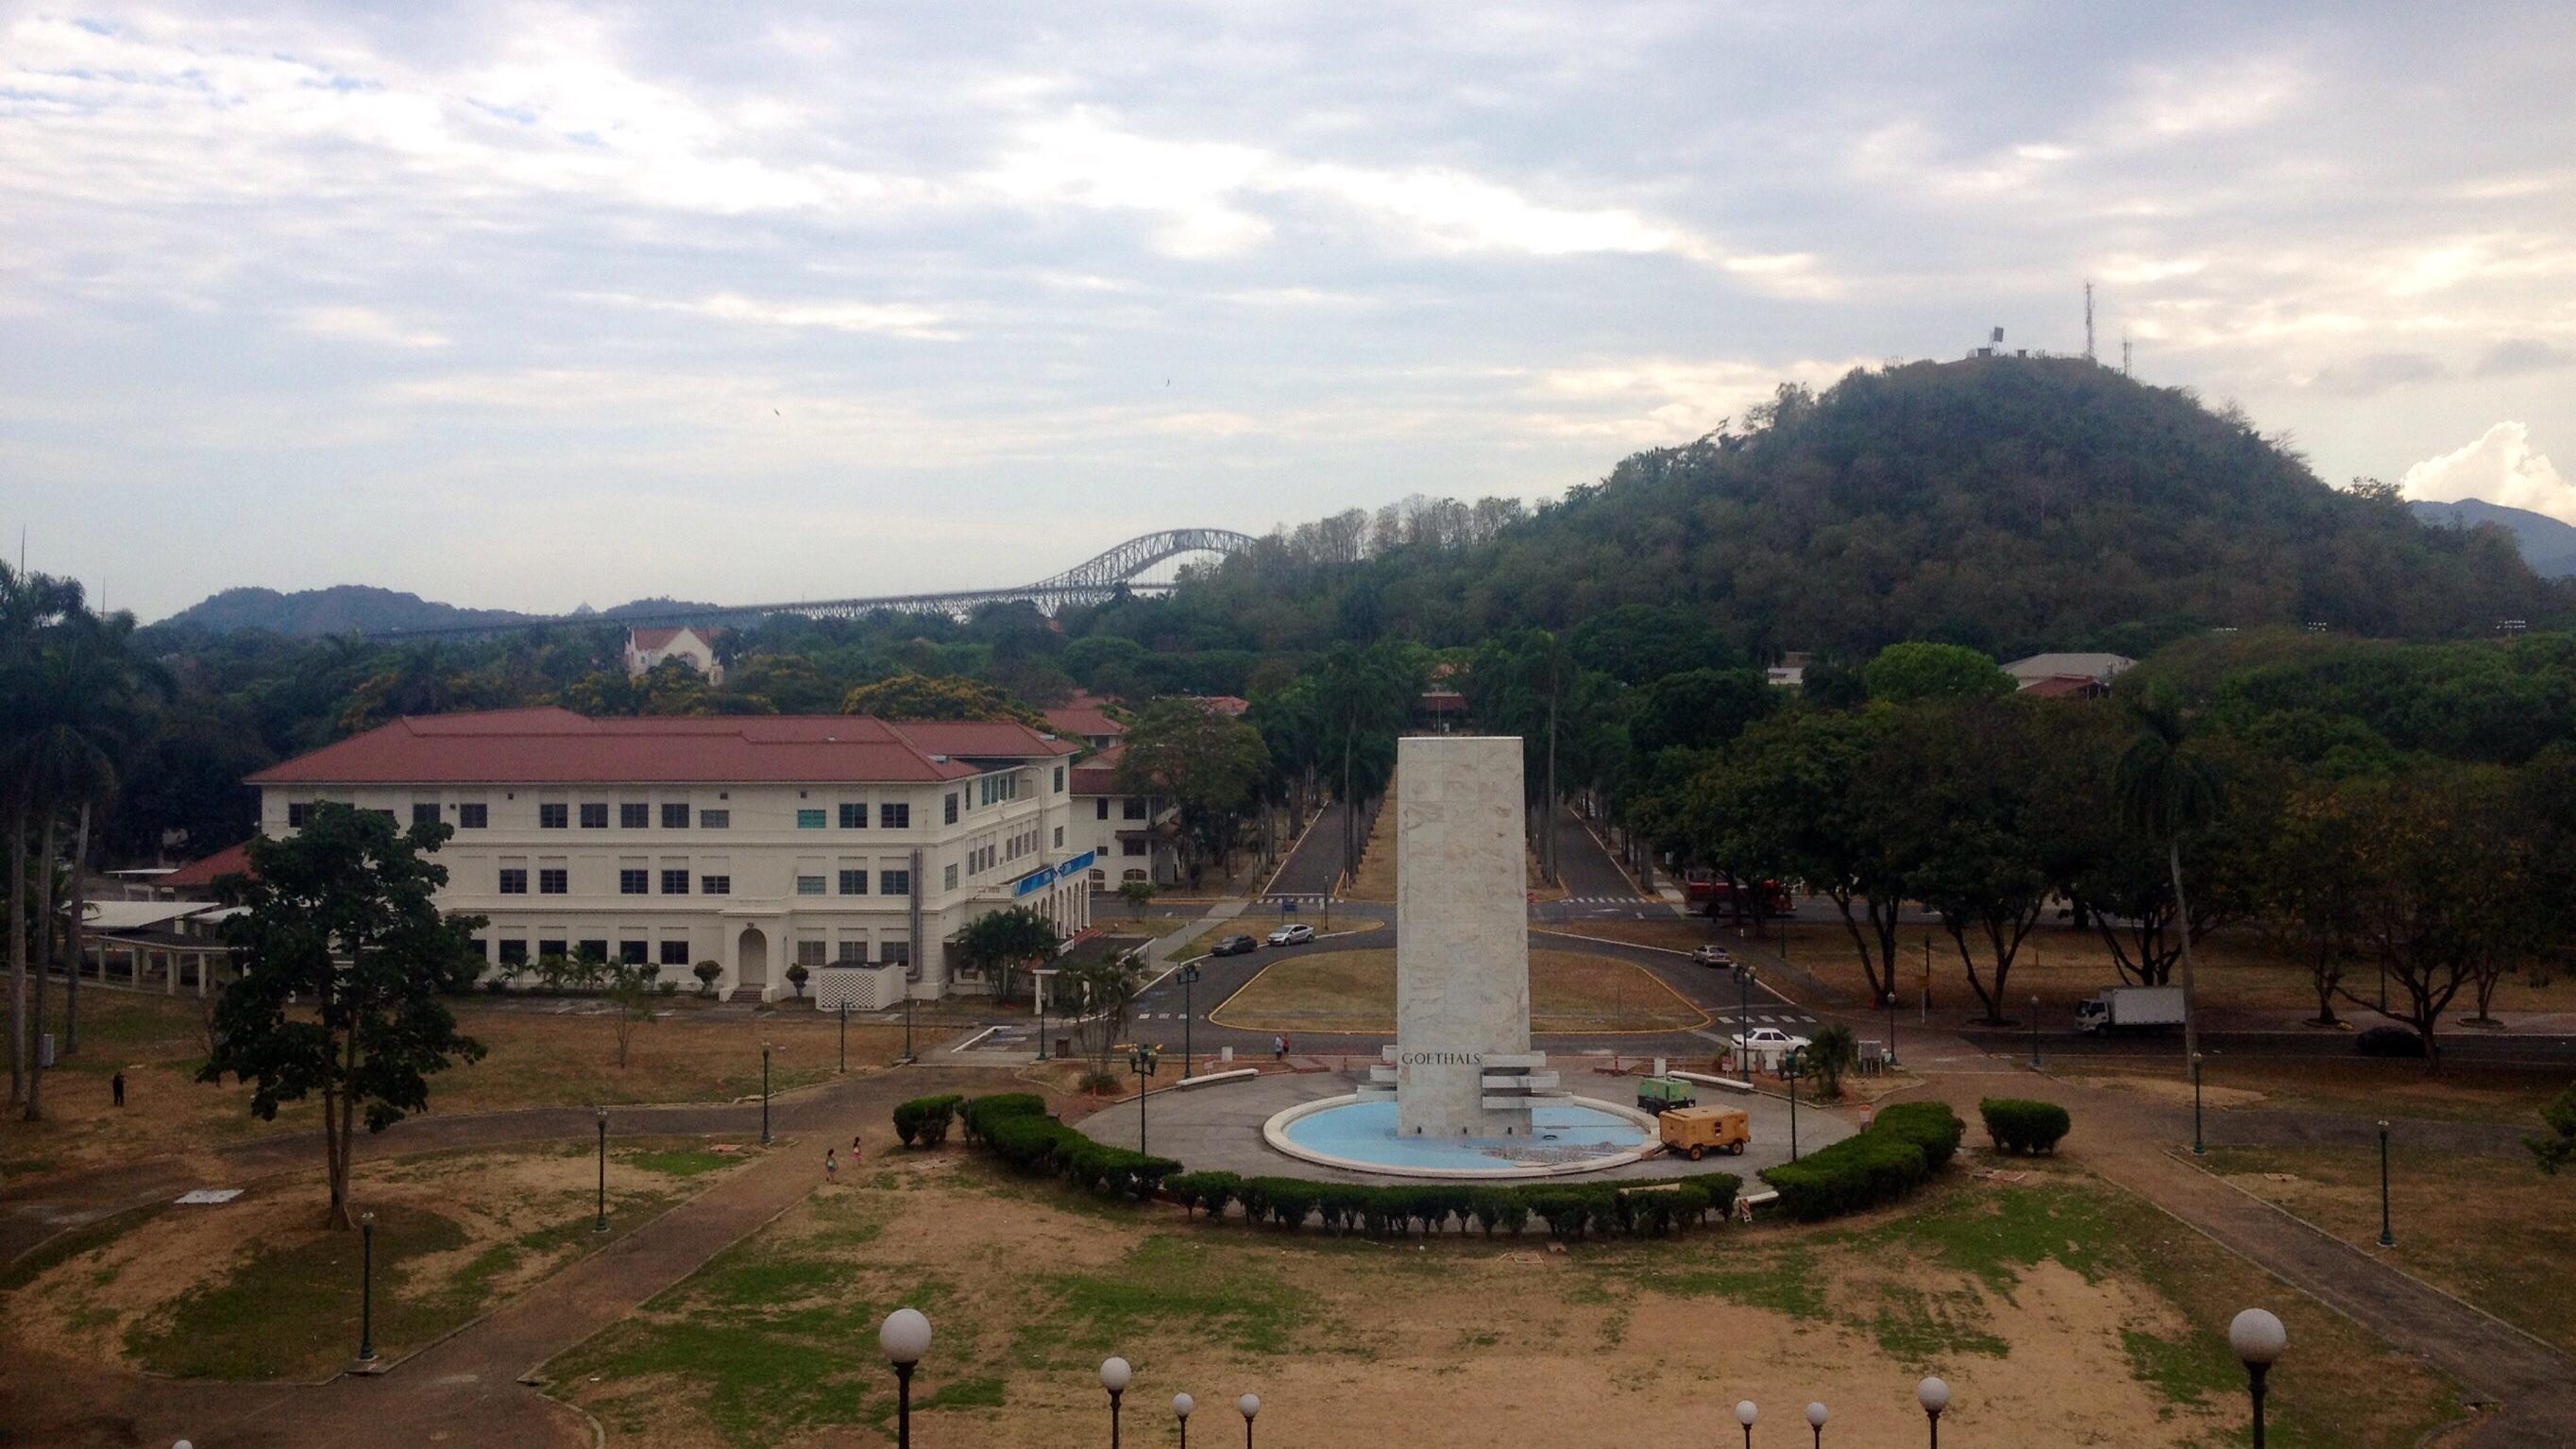 Barrio Balboa in Panama City (Blick herunter von der Kanalverwaltung)